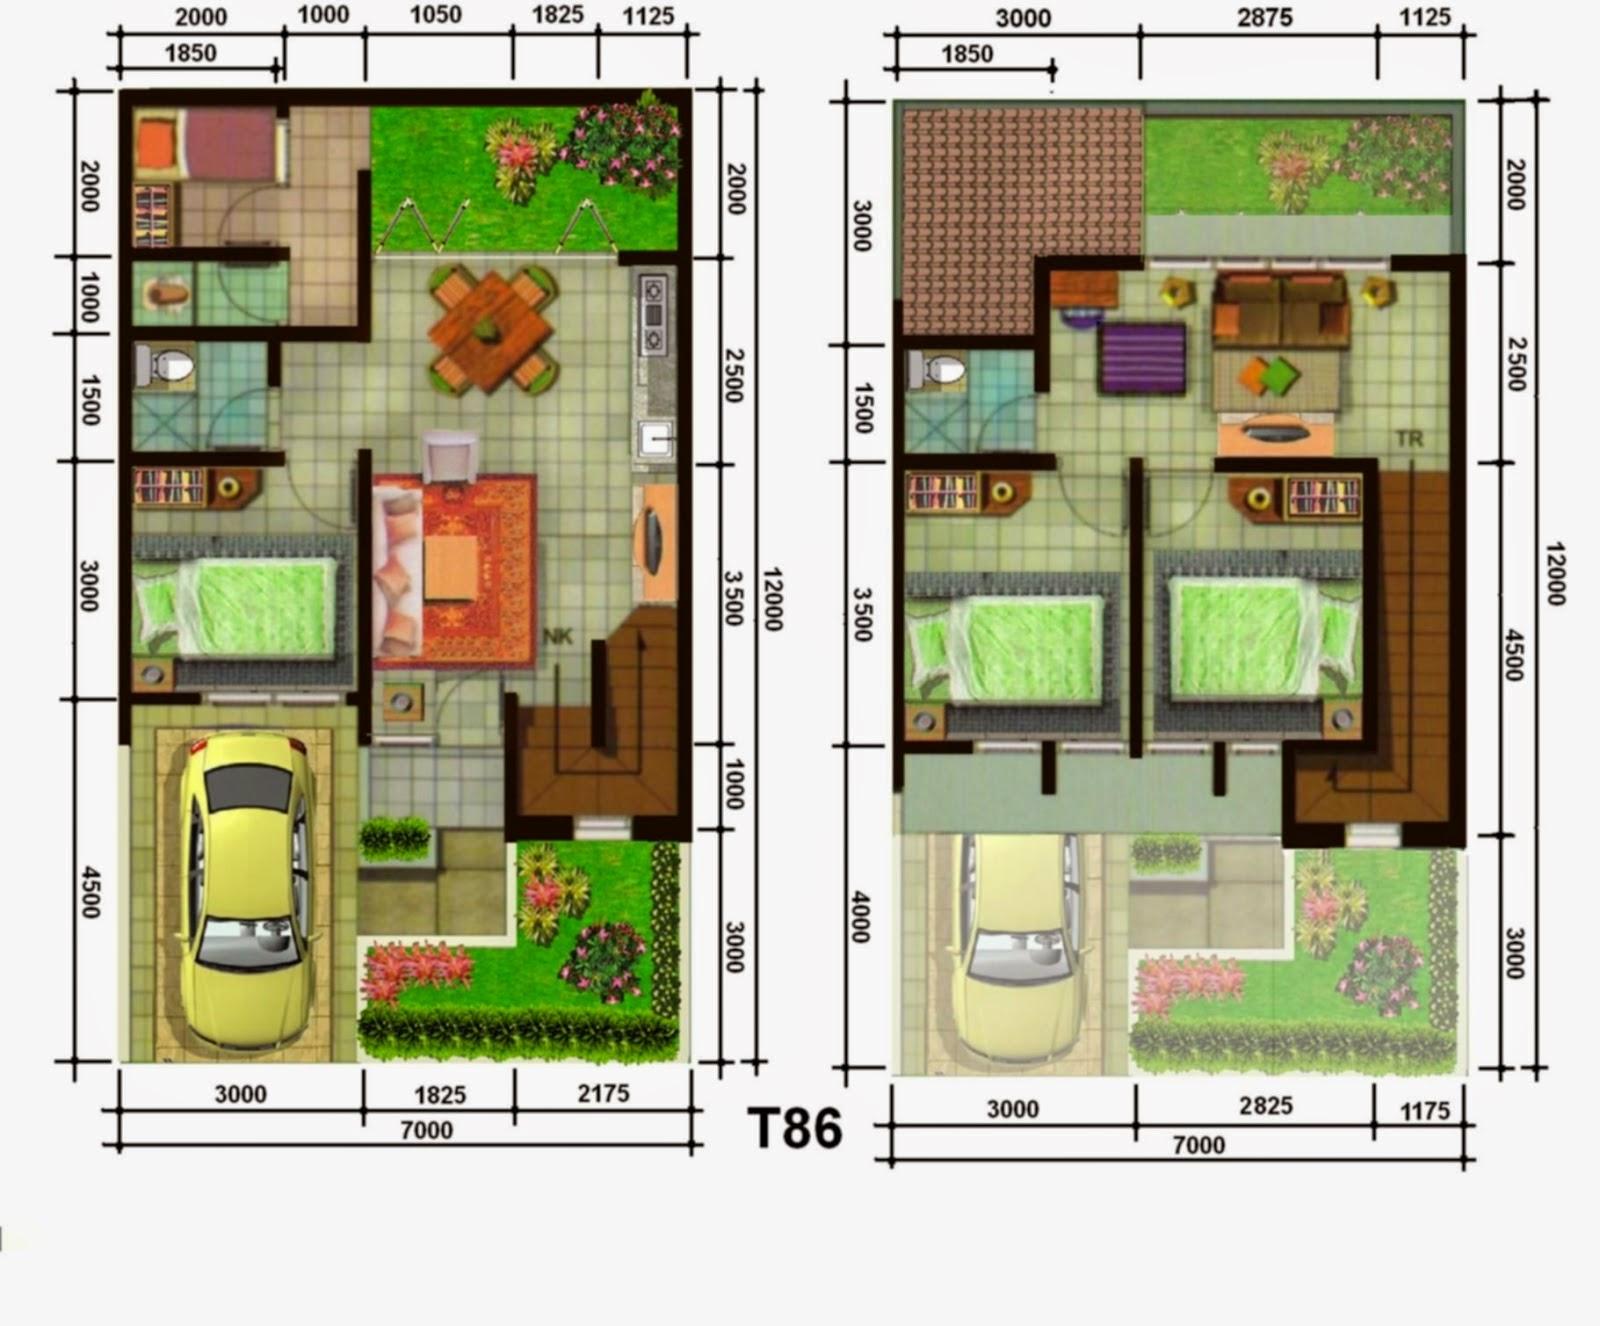 Desain Rumah Minimalis 2 Lantai 7X12 Foto Desain Rumah Terbaru 2016